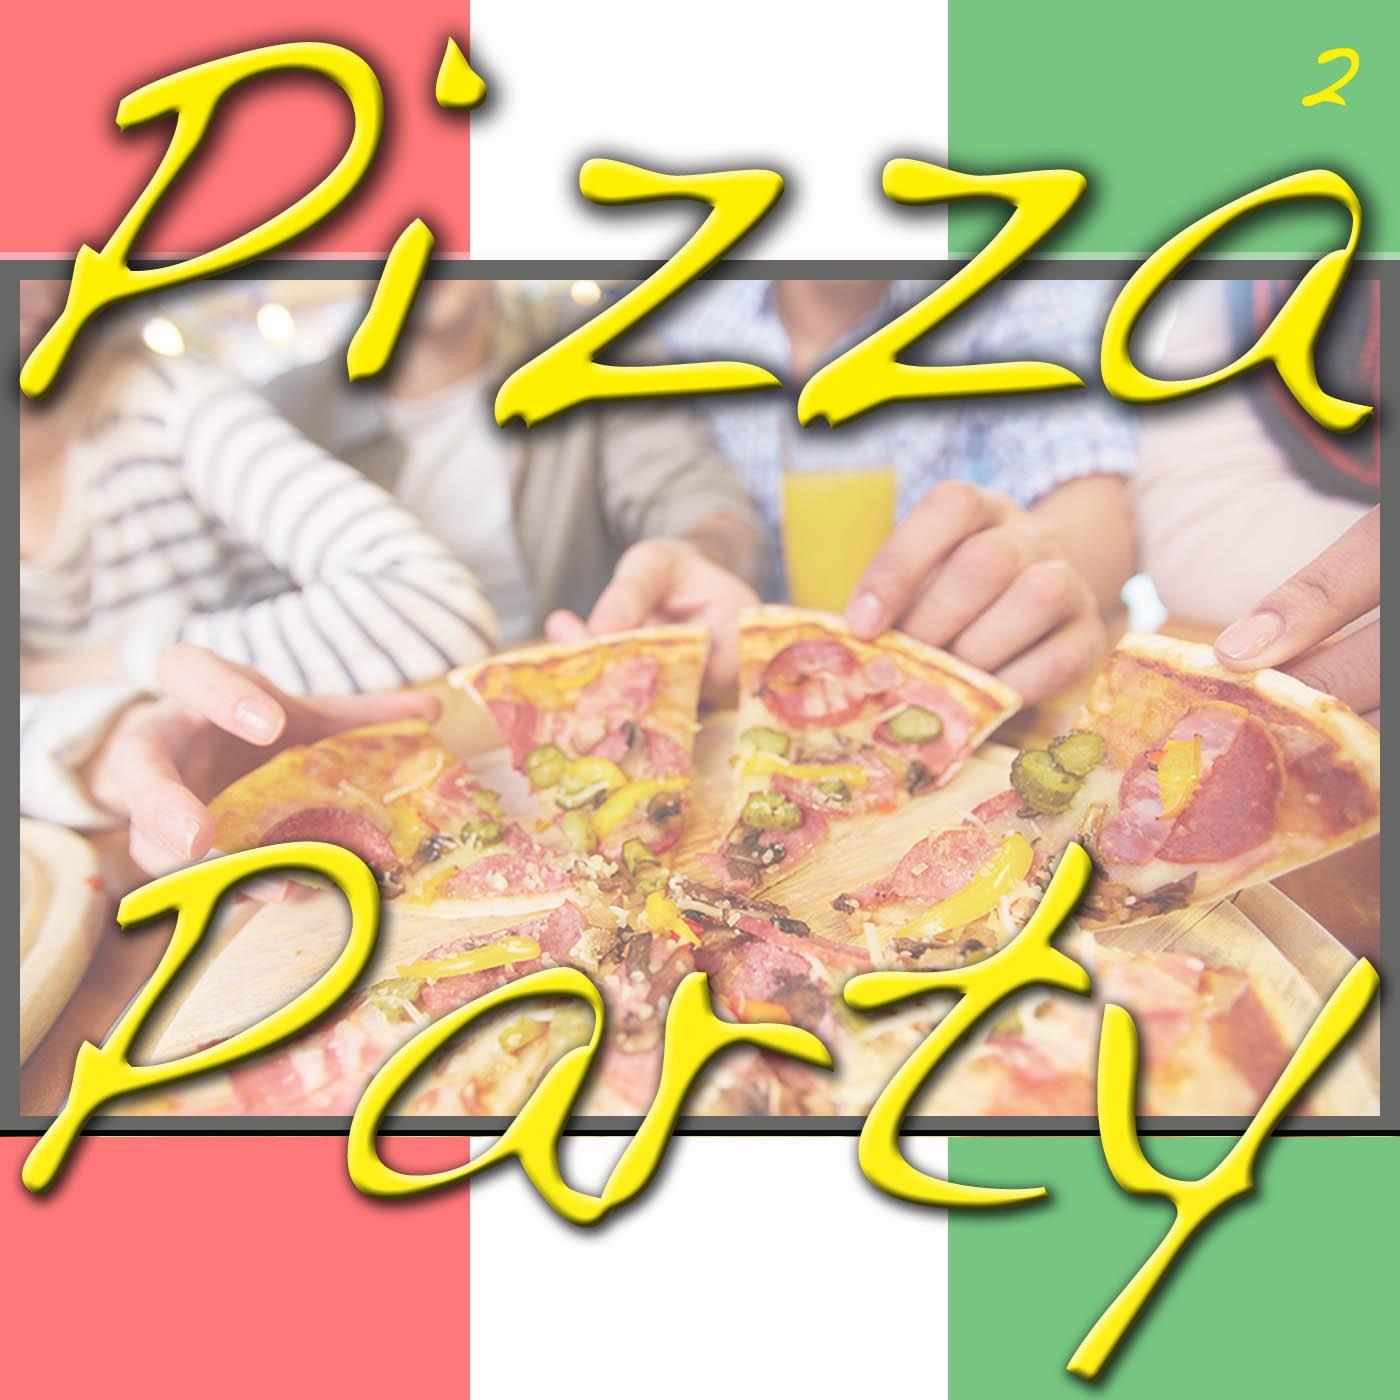 Pizza Party, Vol. 2